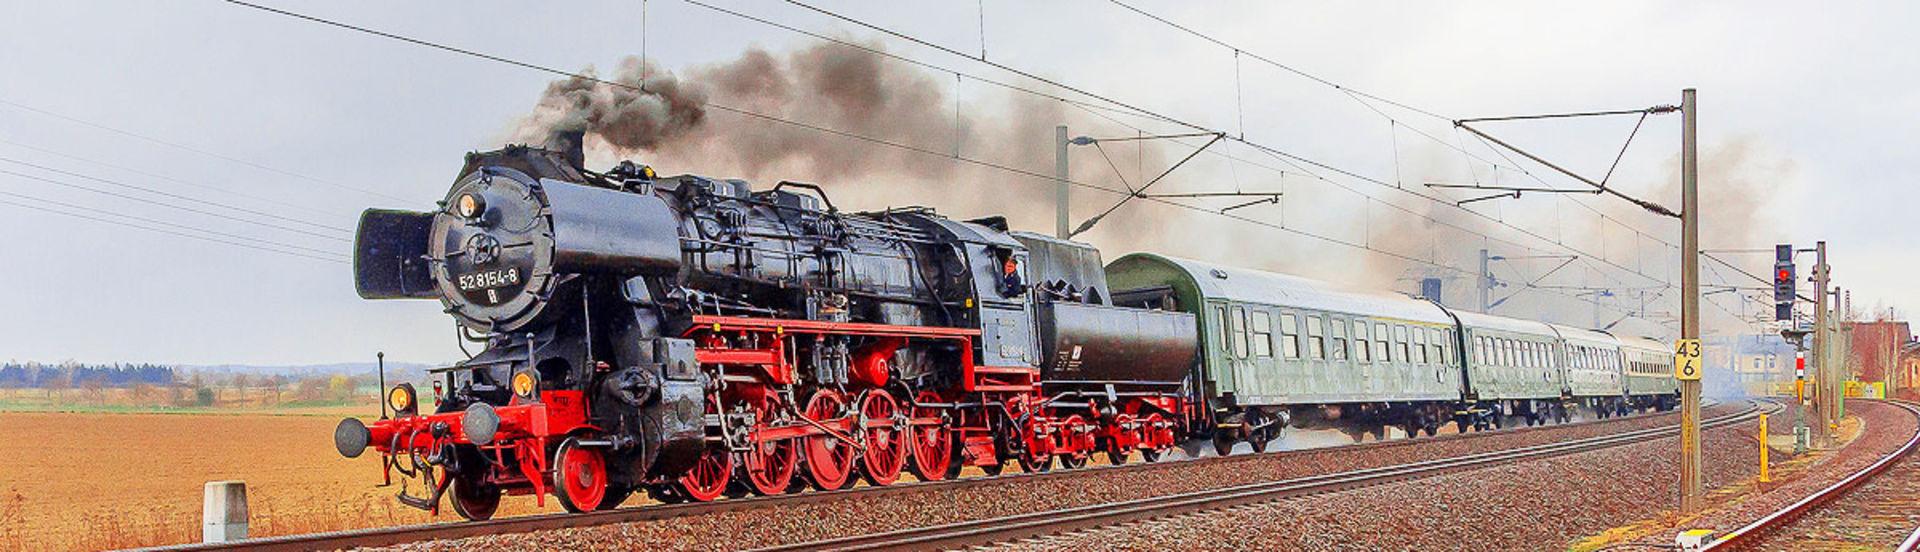 Dampfzug des Eisenbahnmuseum Leipzig.  © Pressebild Eisenbahnmuseum Bayrischer Bahnhof zu Leipzig e.V.